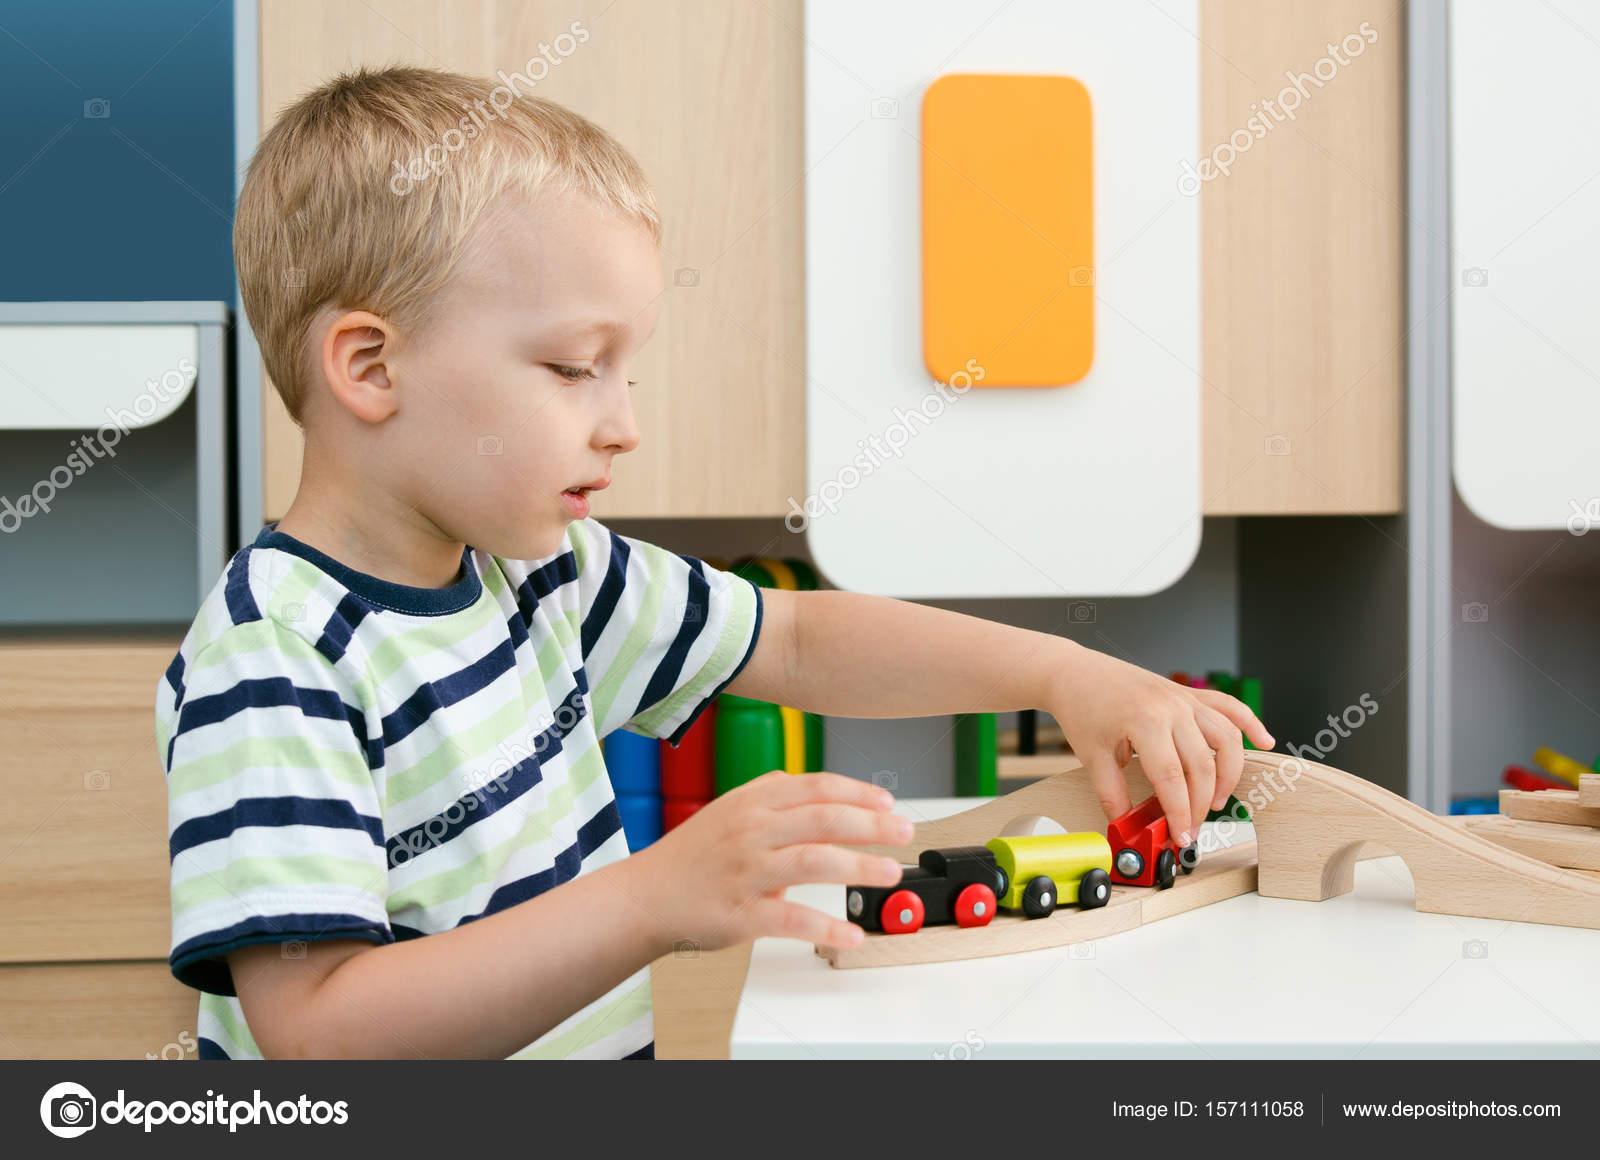 Imágenes Niños Jugando Juegos De Mesa Para Colorear Niño Niño